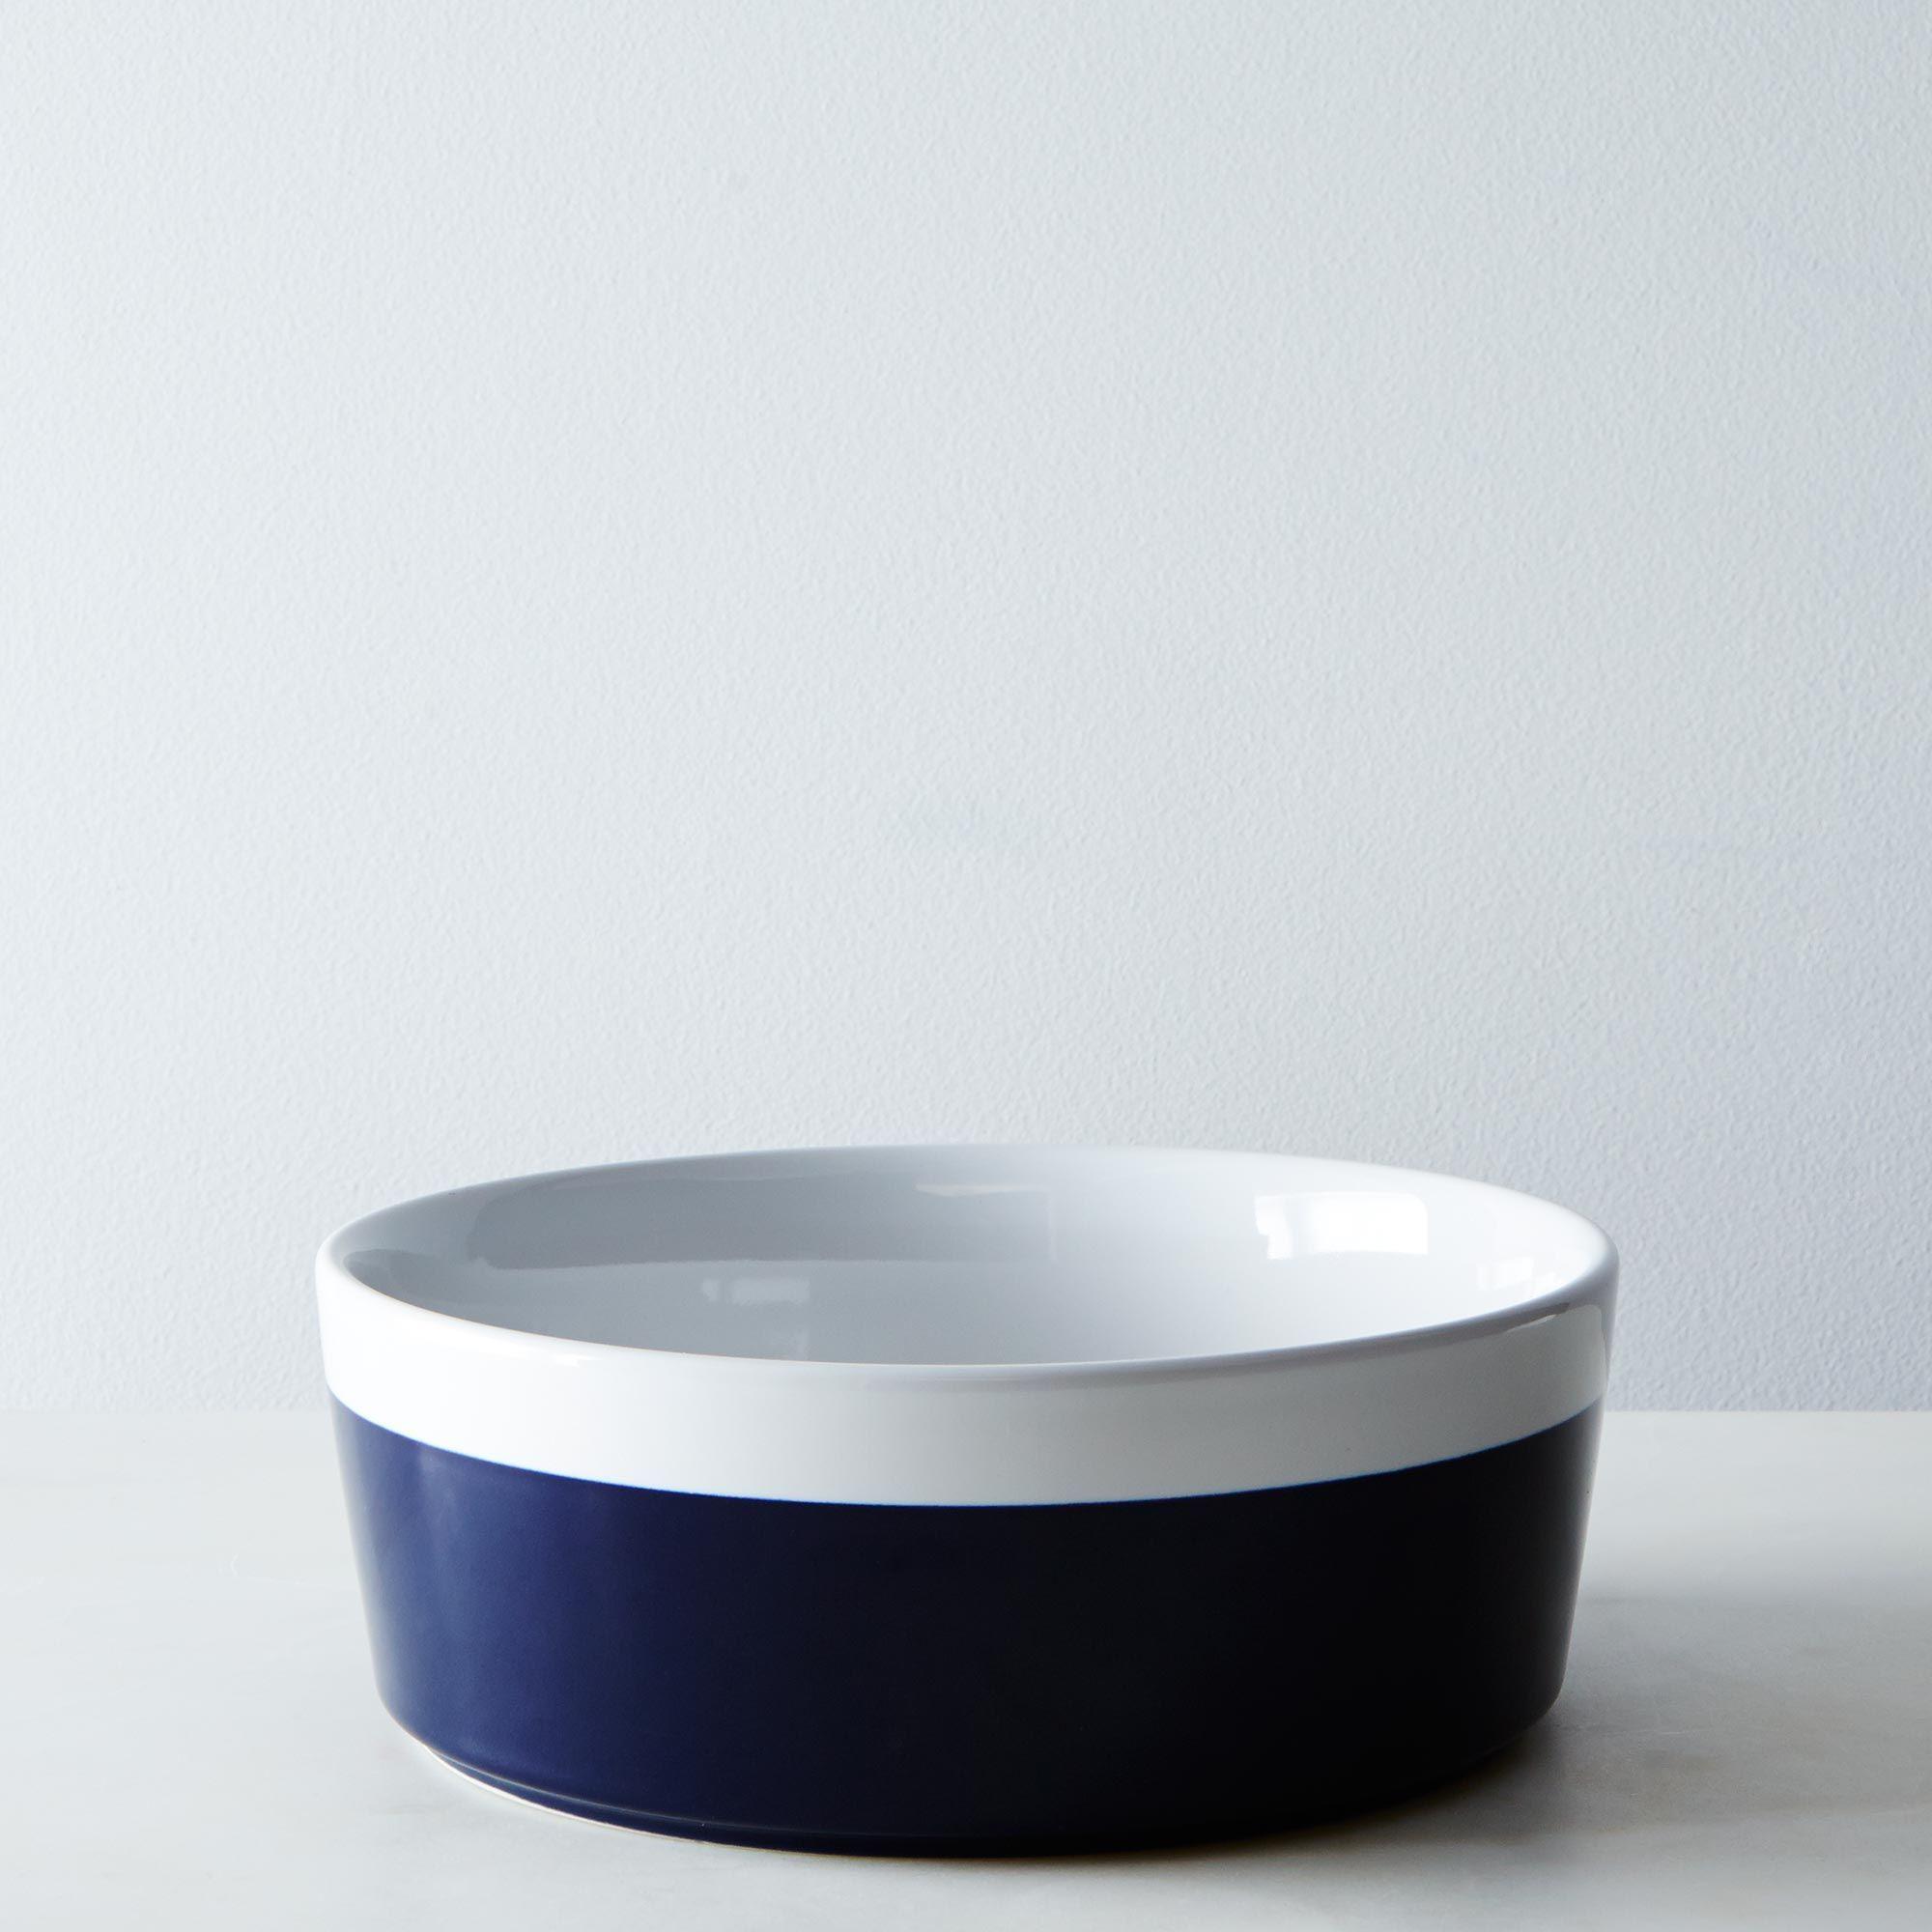 Bf4c4b8e a0f6 11e5 a190 0ef7535729df  2014 0821 waggo dipper ceramic pet water bowl 002